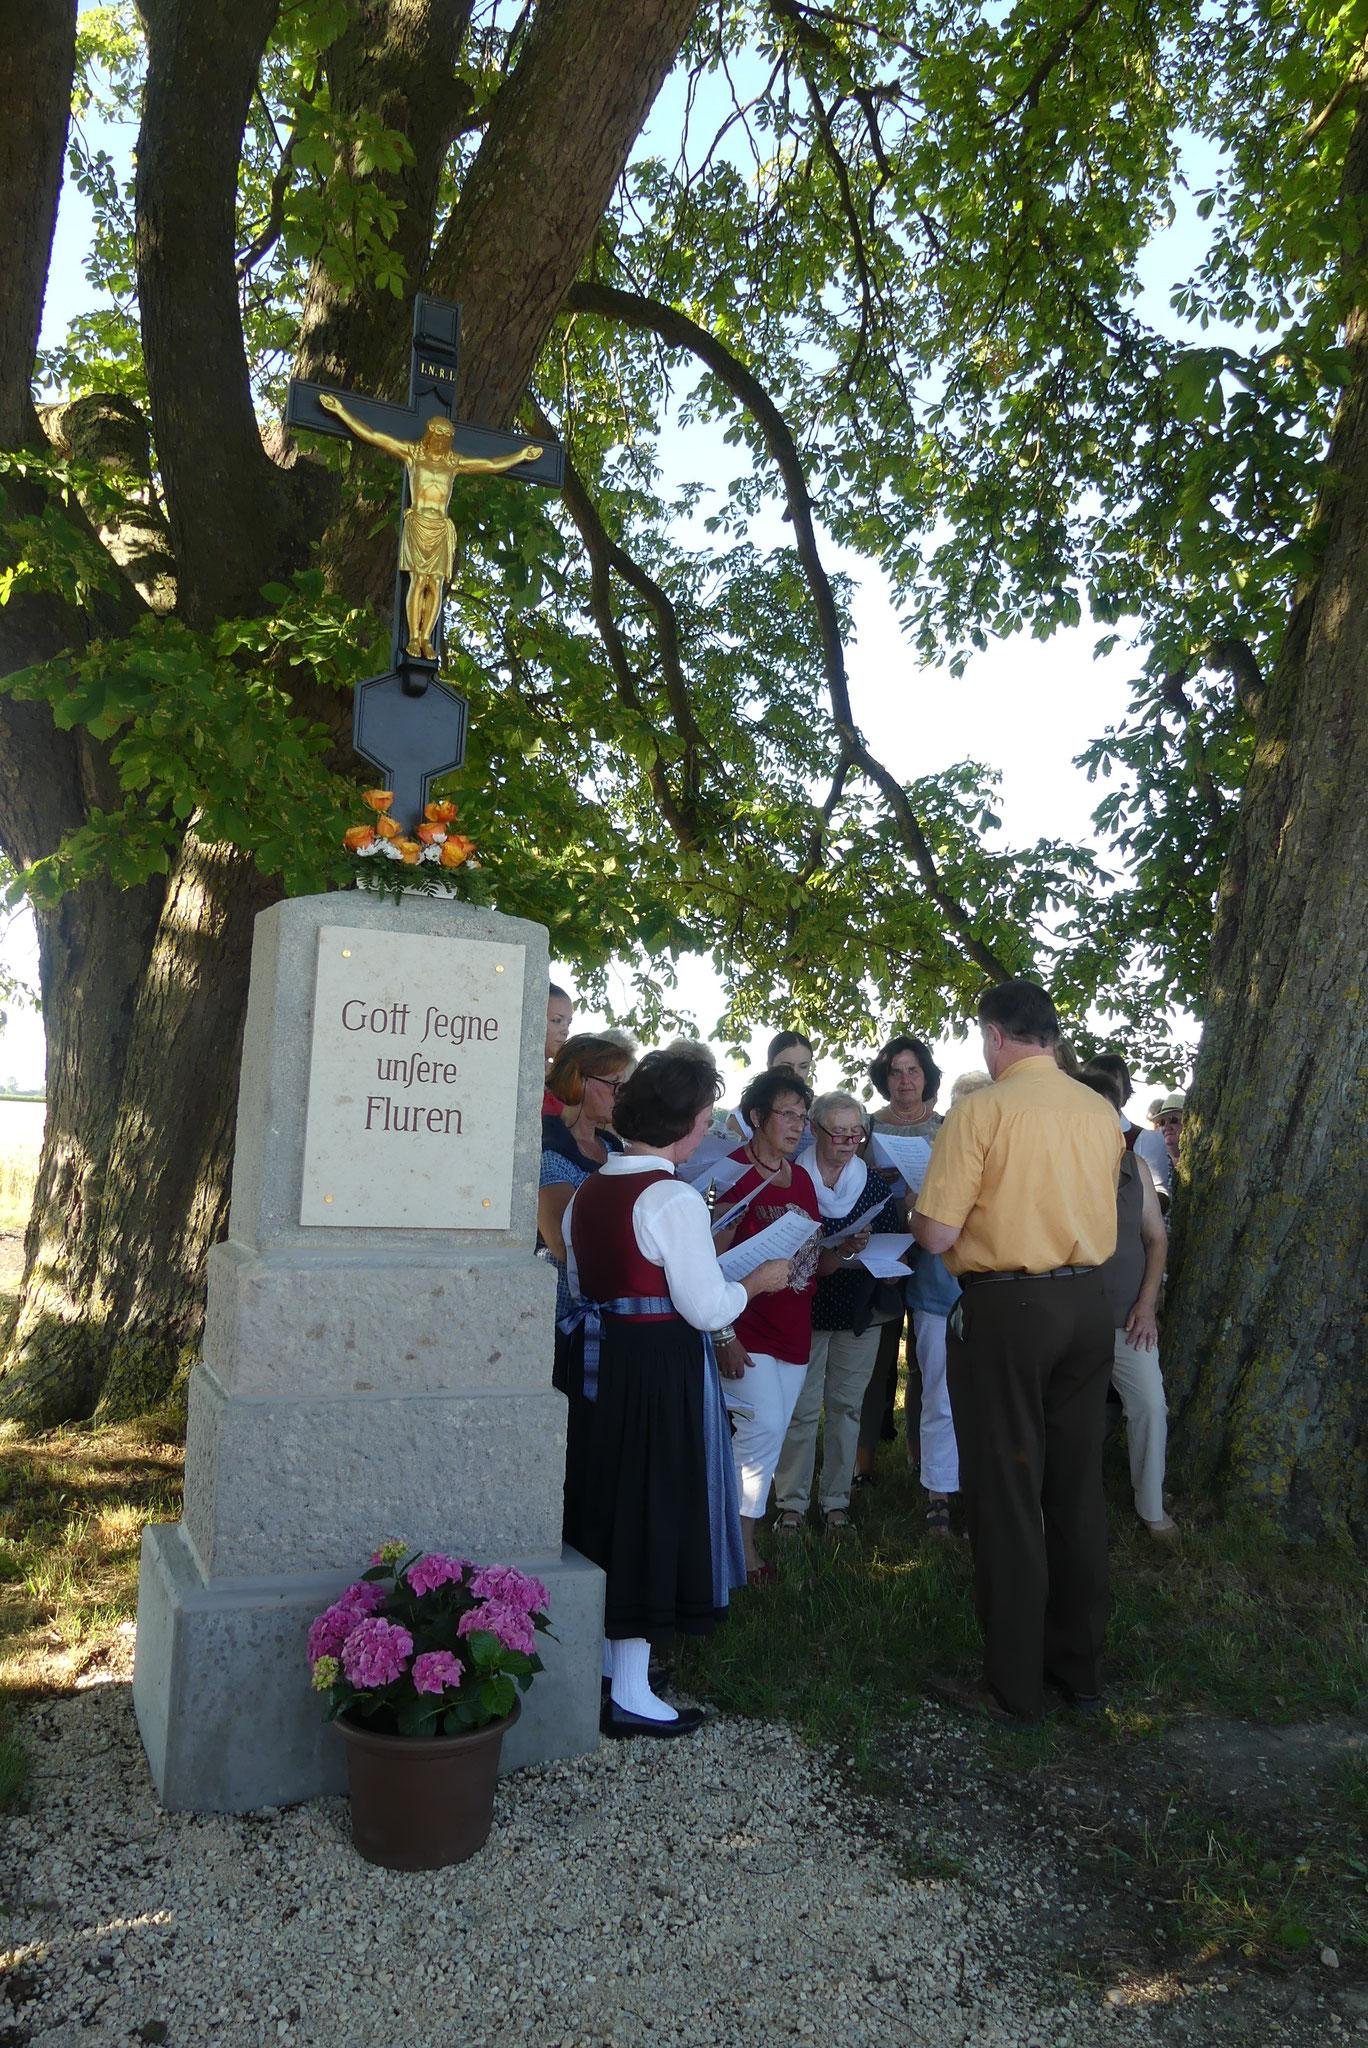 Der Ellgauer Obst- und Gartenbauverein und die Waldgenossenschaft ermöglichten die Renovierung des Wegkreuzes zwischen Ellgau und Nordendorf. Der Kirchenchor unter Konrad und Elke Eser erfreute beim Bittgang mit einigen Liedbeiträgen